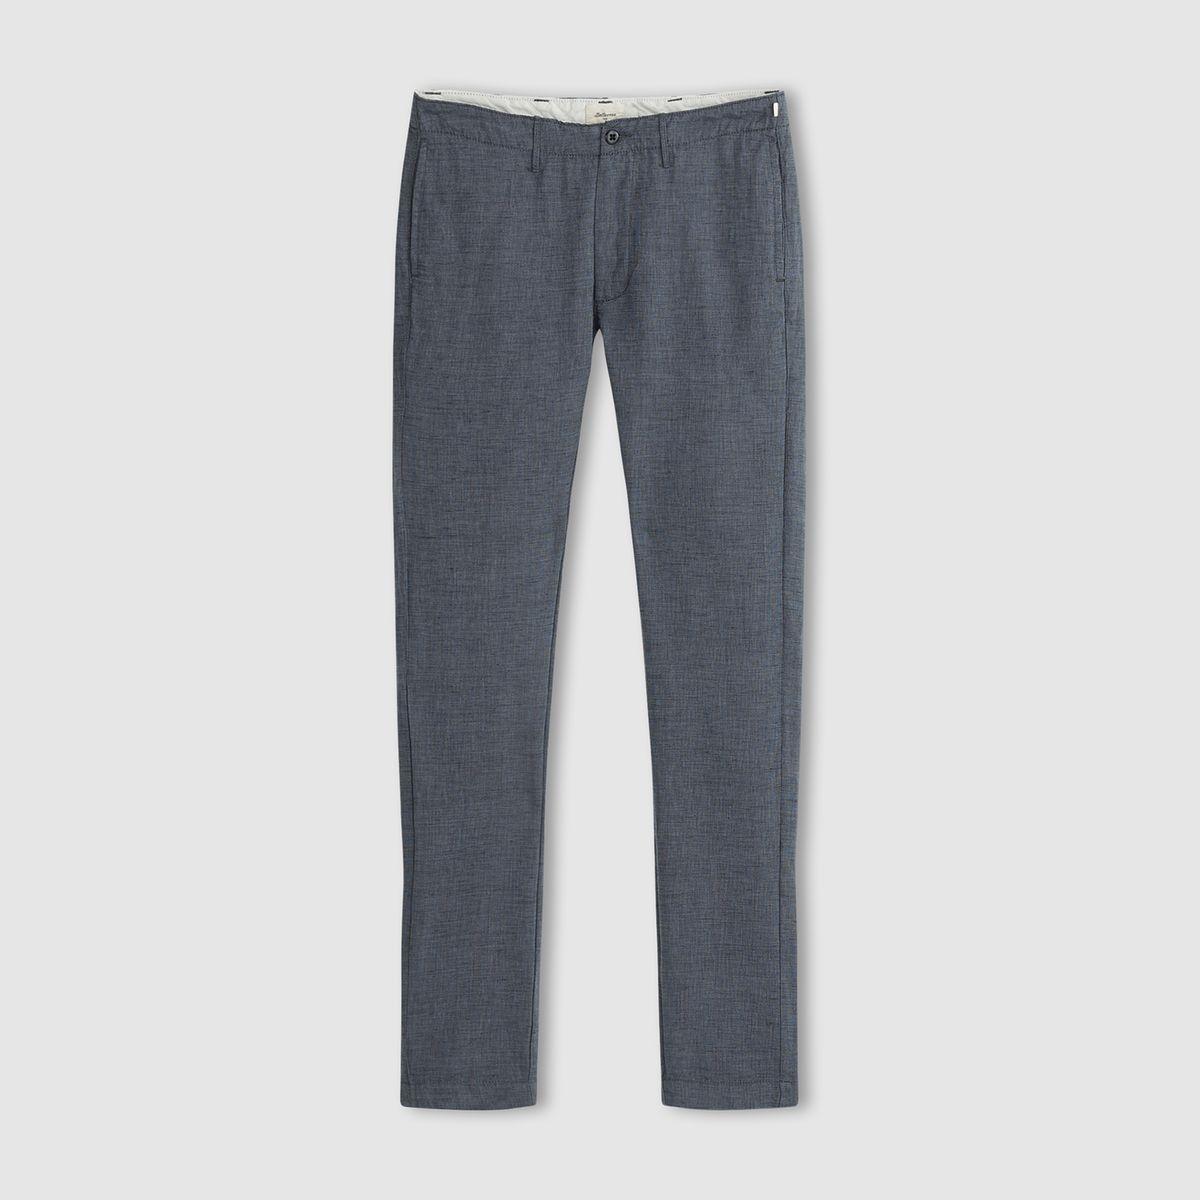 Pantalon PERTHF